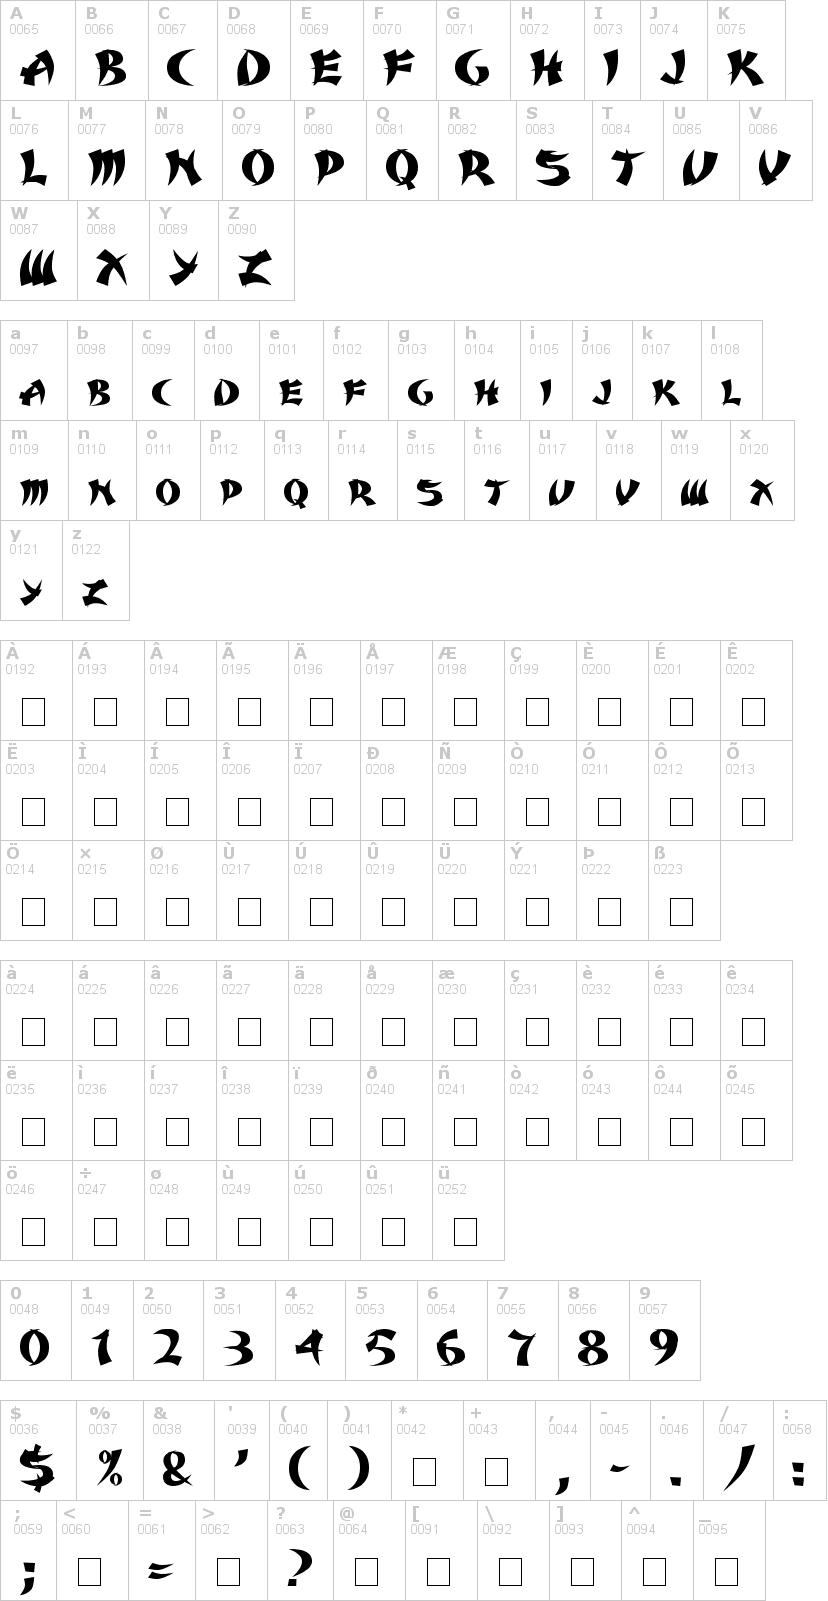 Lettere dell'alfabeto del font karate con le quali è possibile realizzare adesivi prespaziati